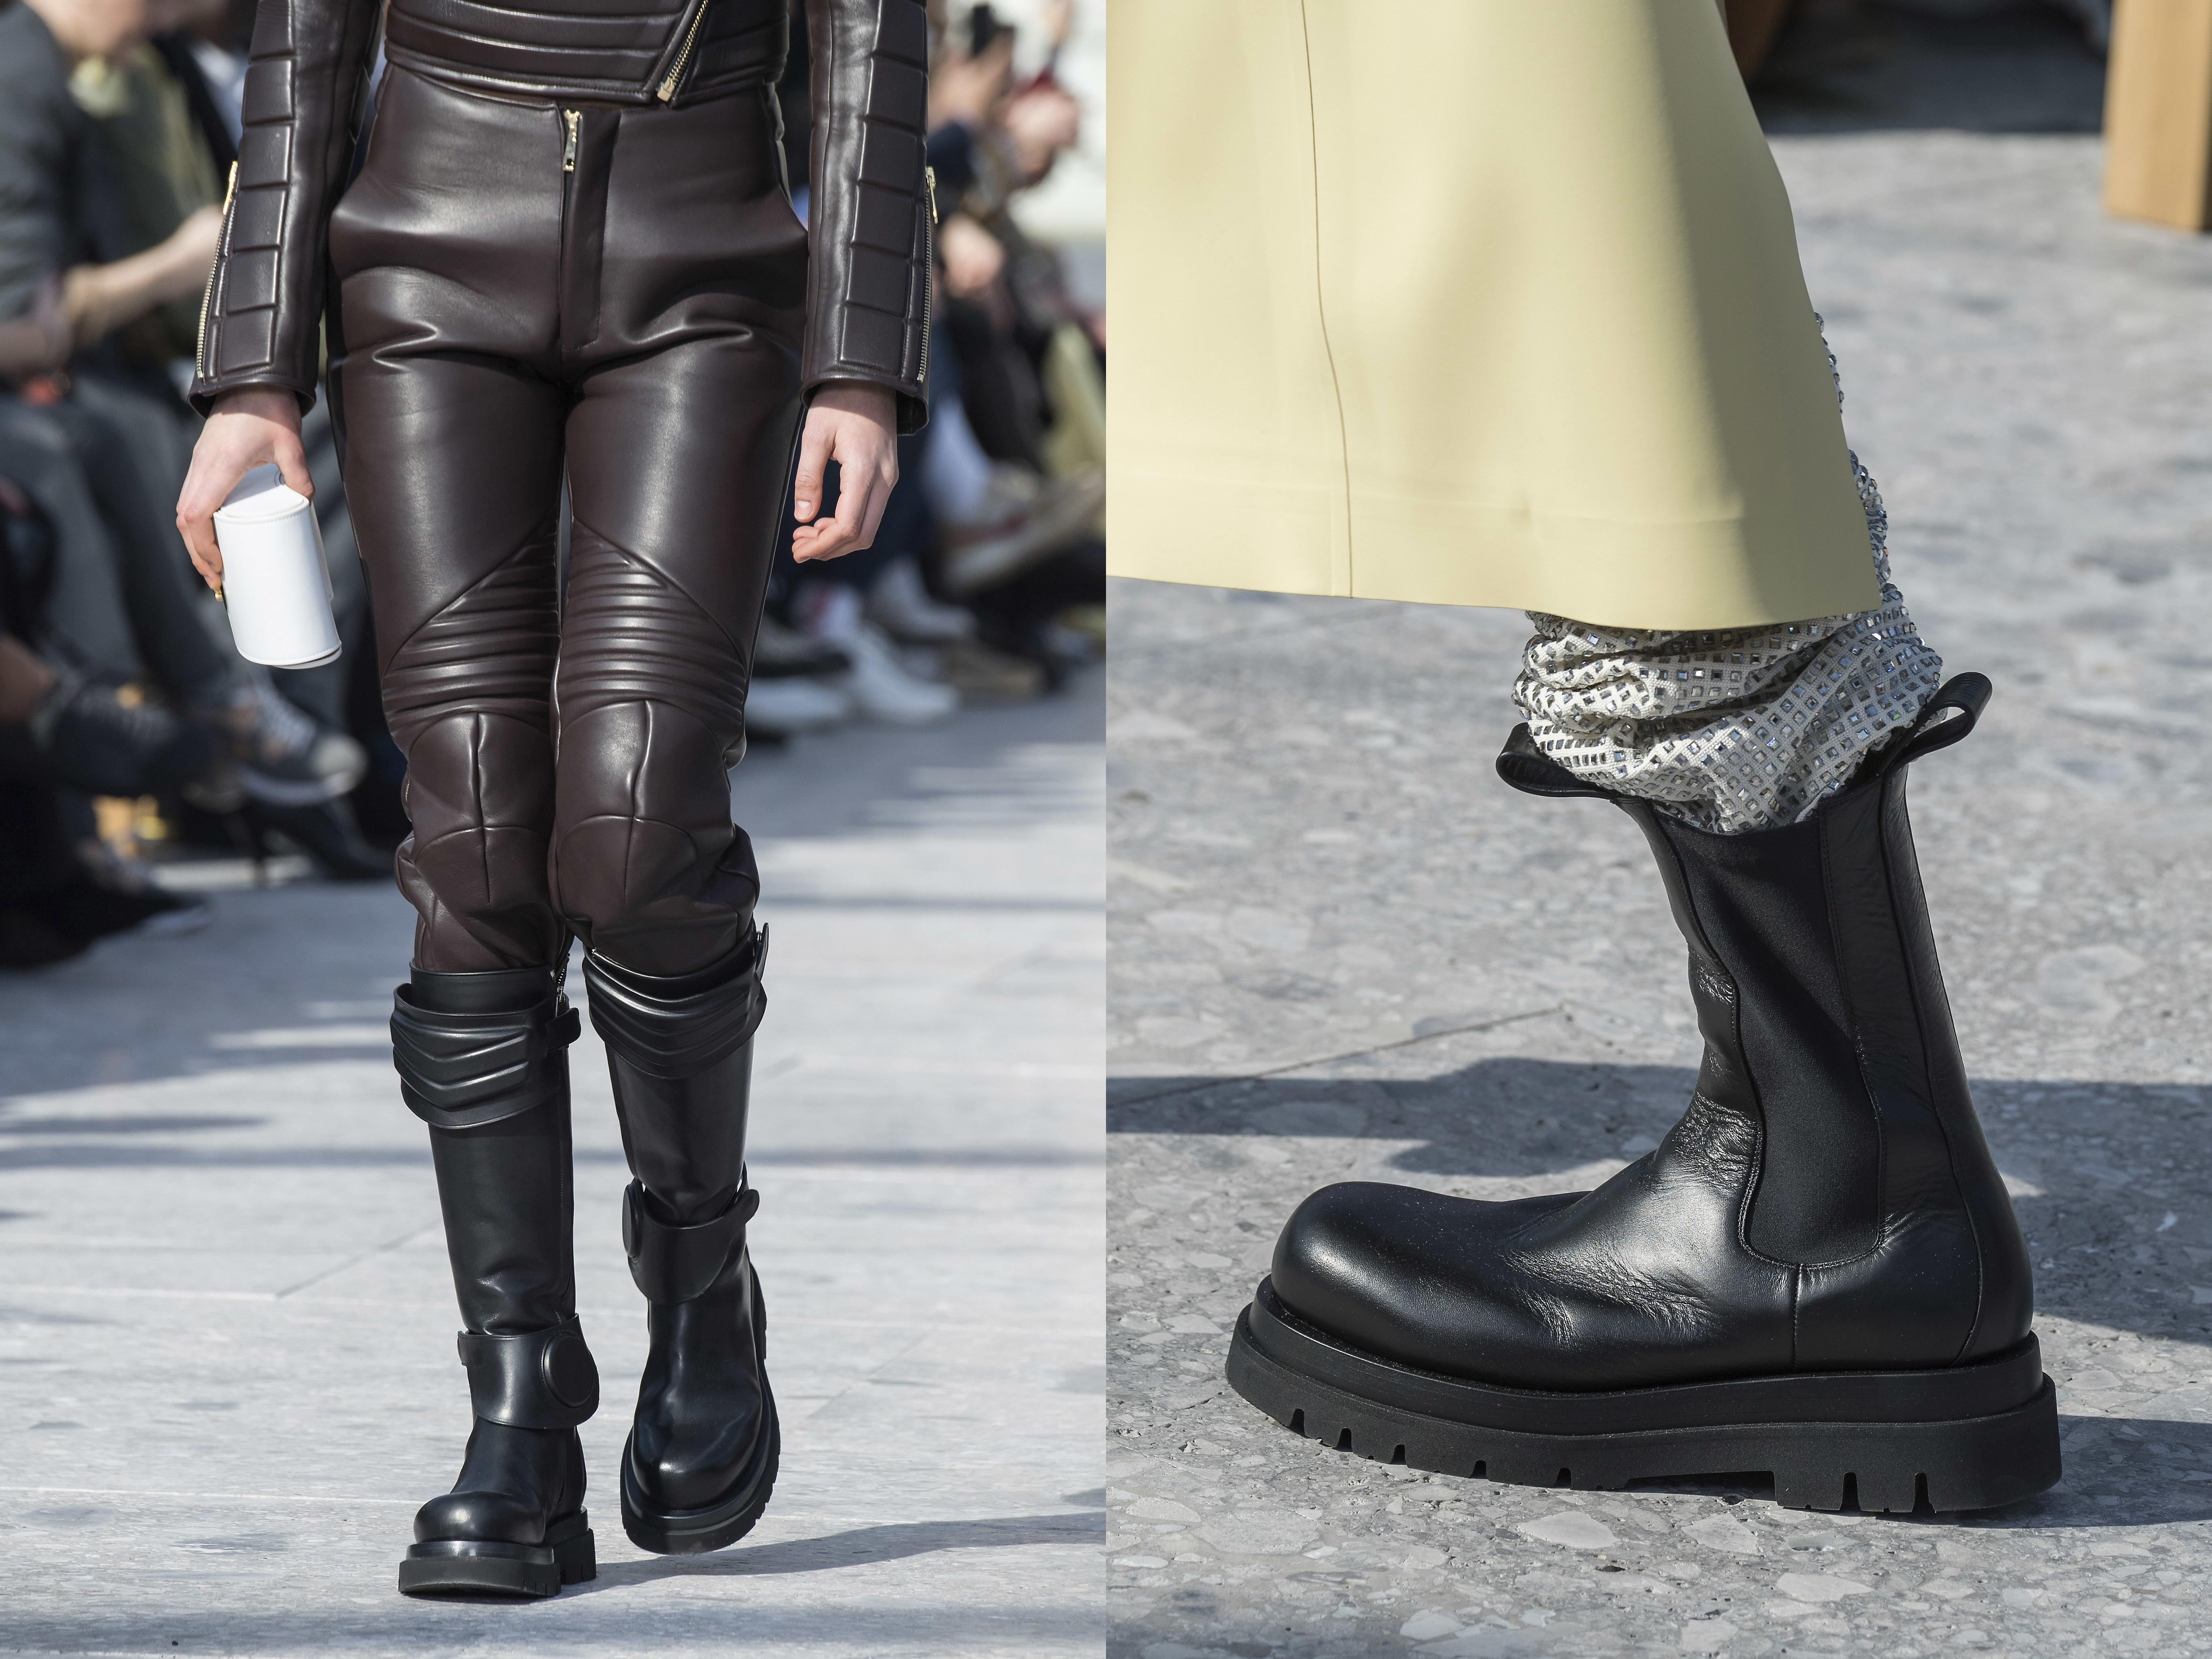 Ботинки на грубой подошве - модный обувной хит осени 2019